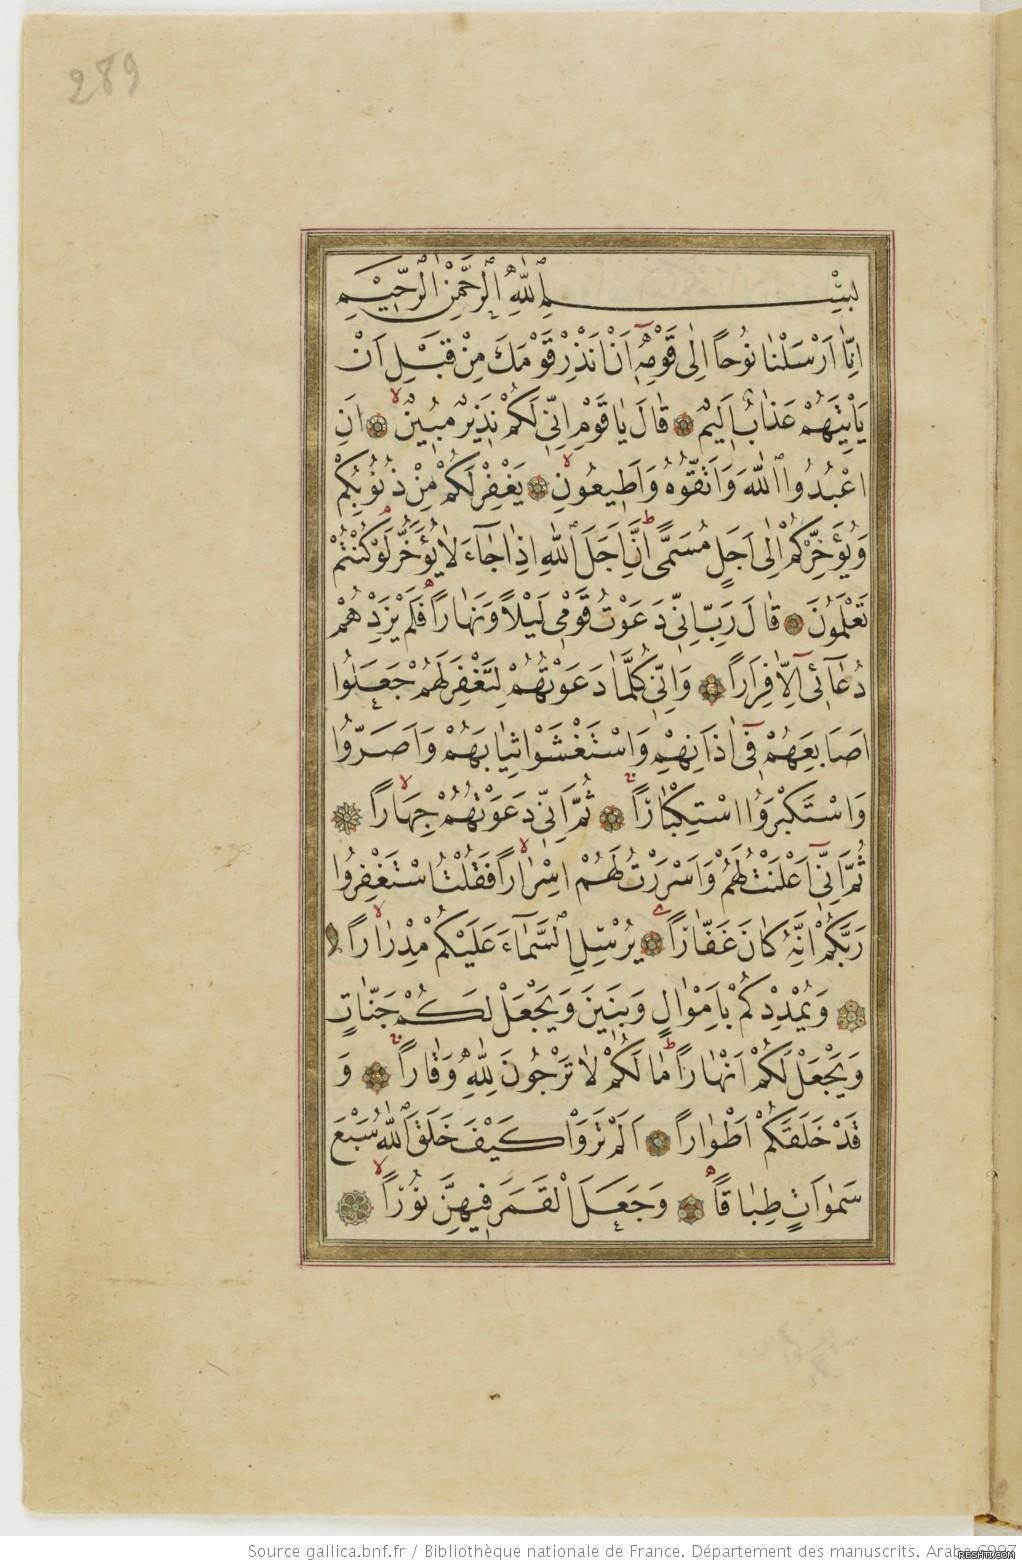 مصحف لعبد القادر الشكري